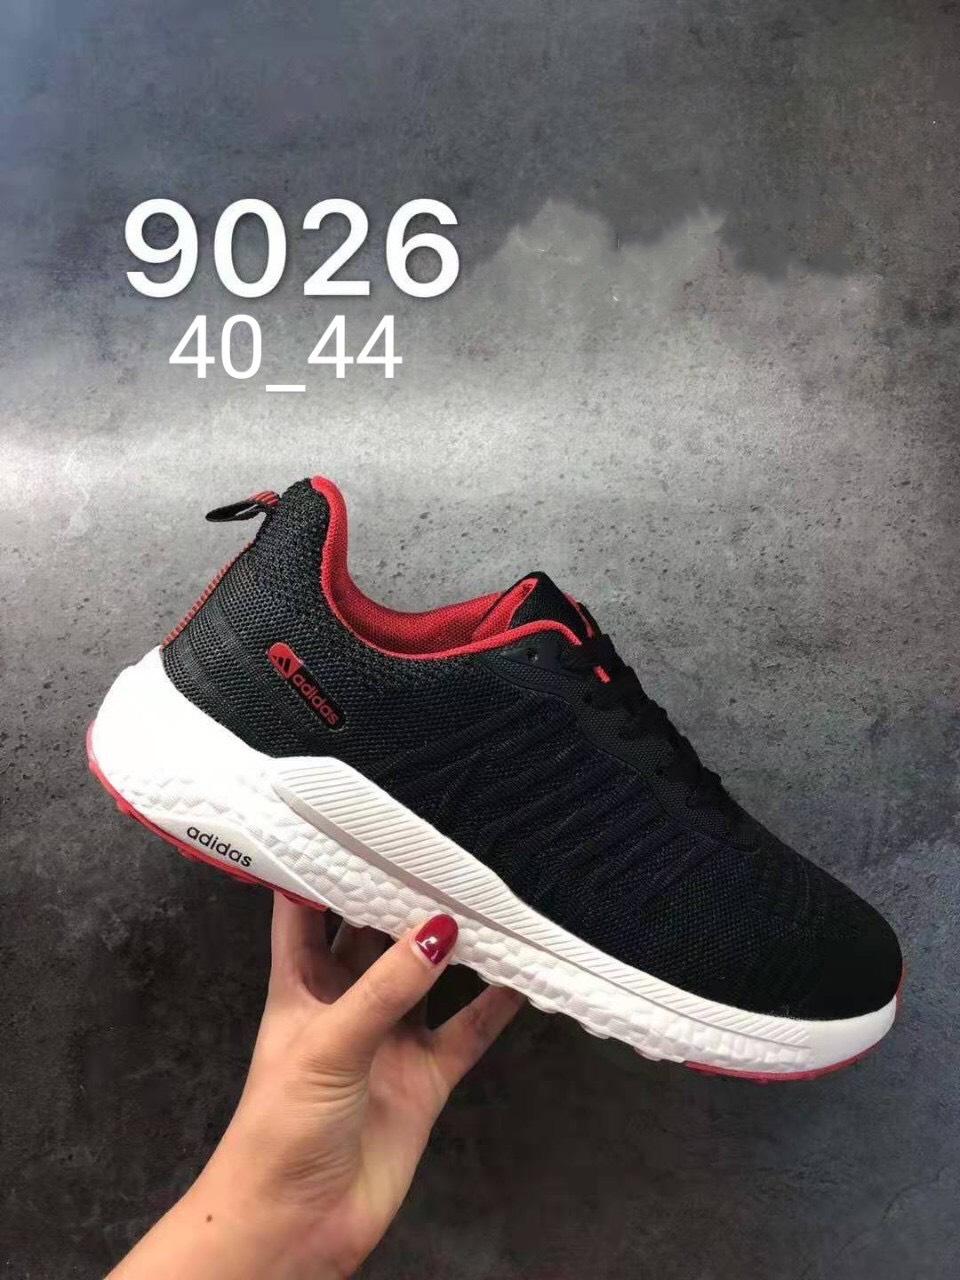 Giày Adidas Neo Nam V26 màu đen đỏ